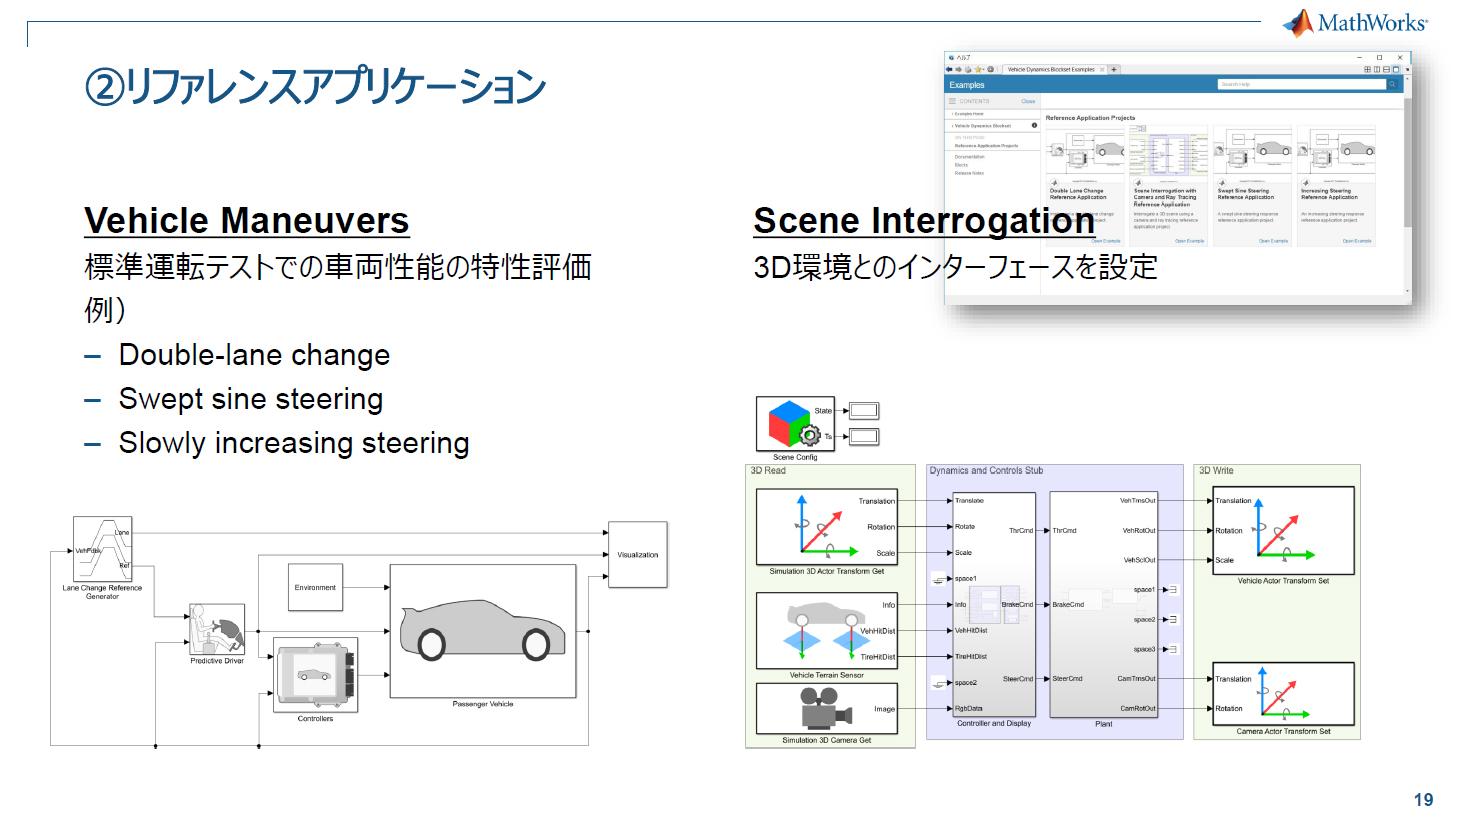 自動車の挙動を3Dでモデル化/シミュレーション - 進化する自動車開発